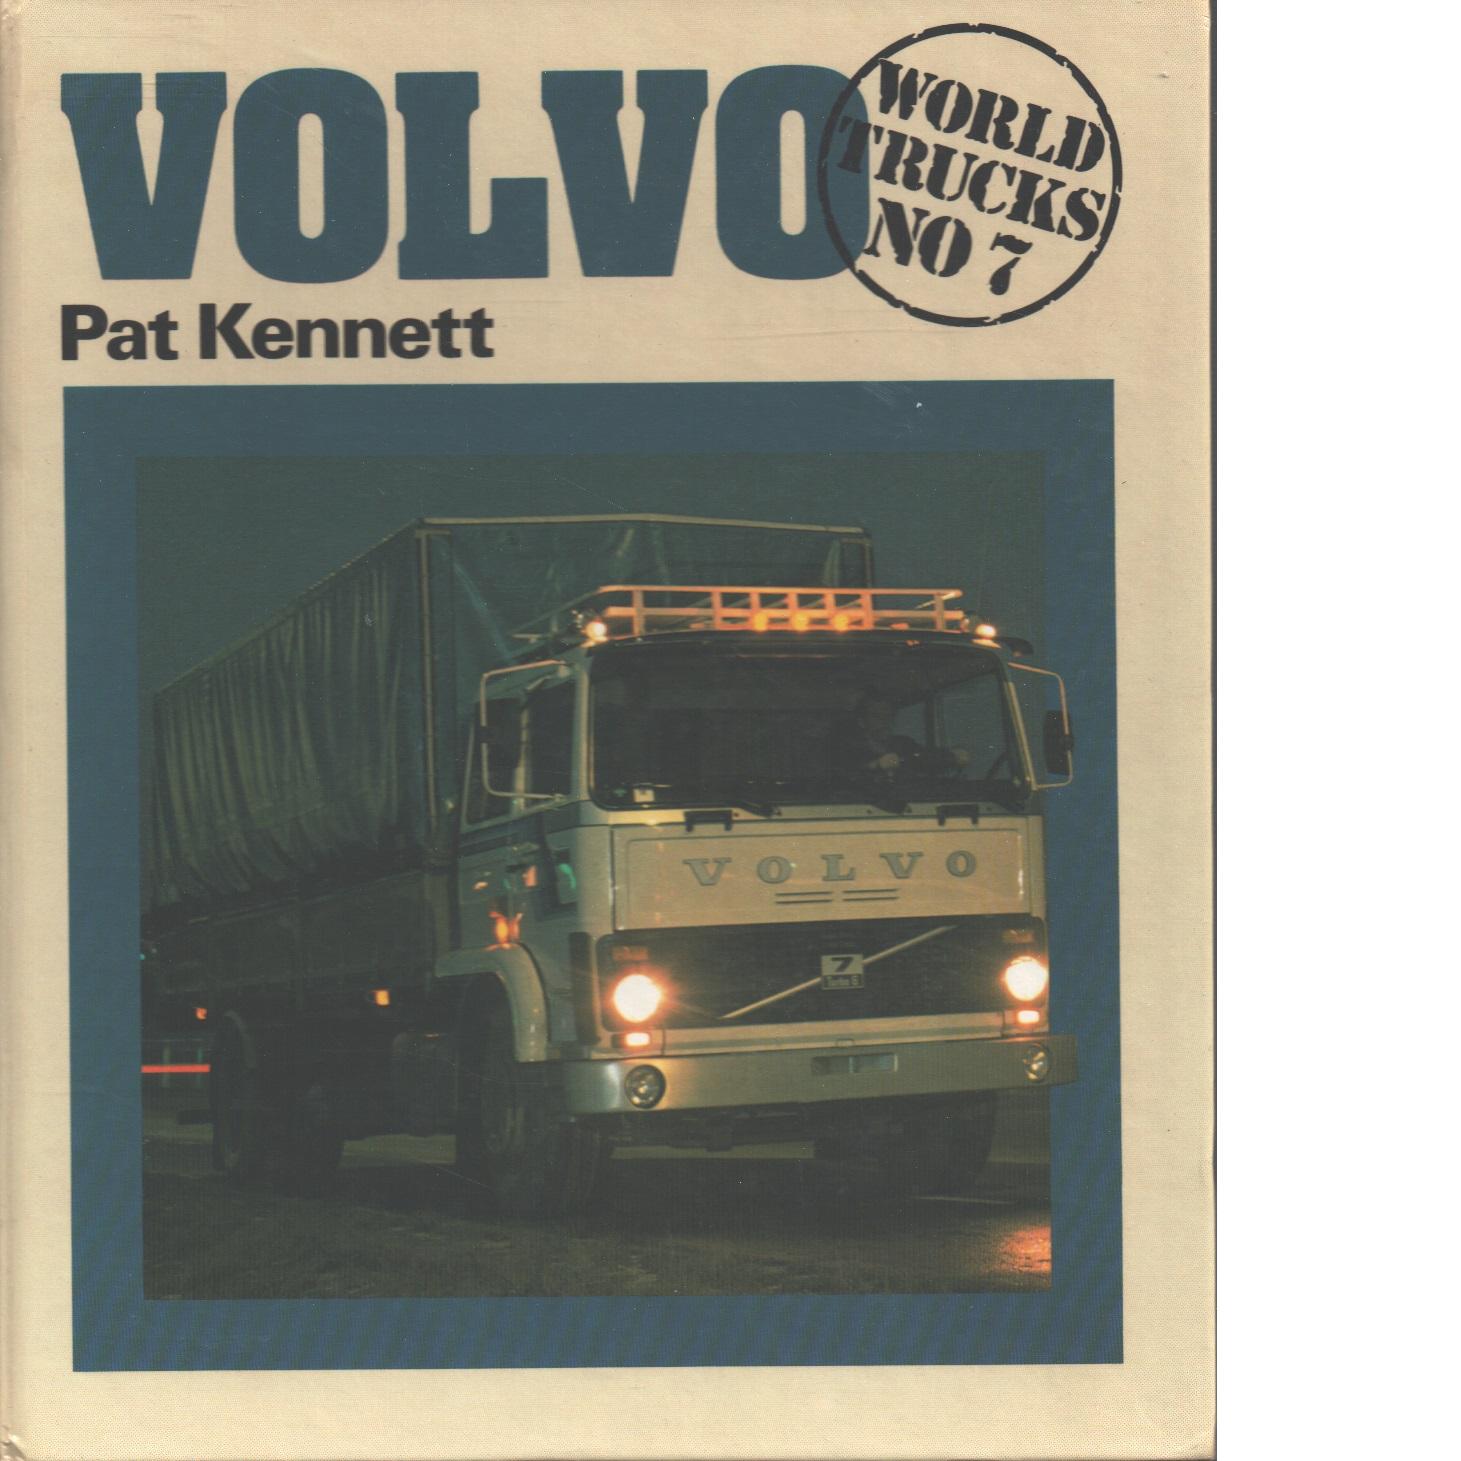 Volvo : World Trucks nro 7 - Kennett, Pat